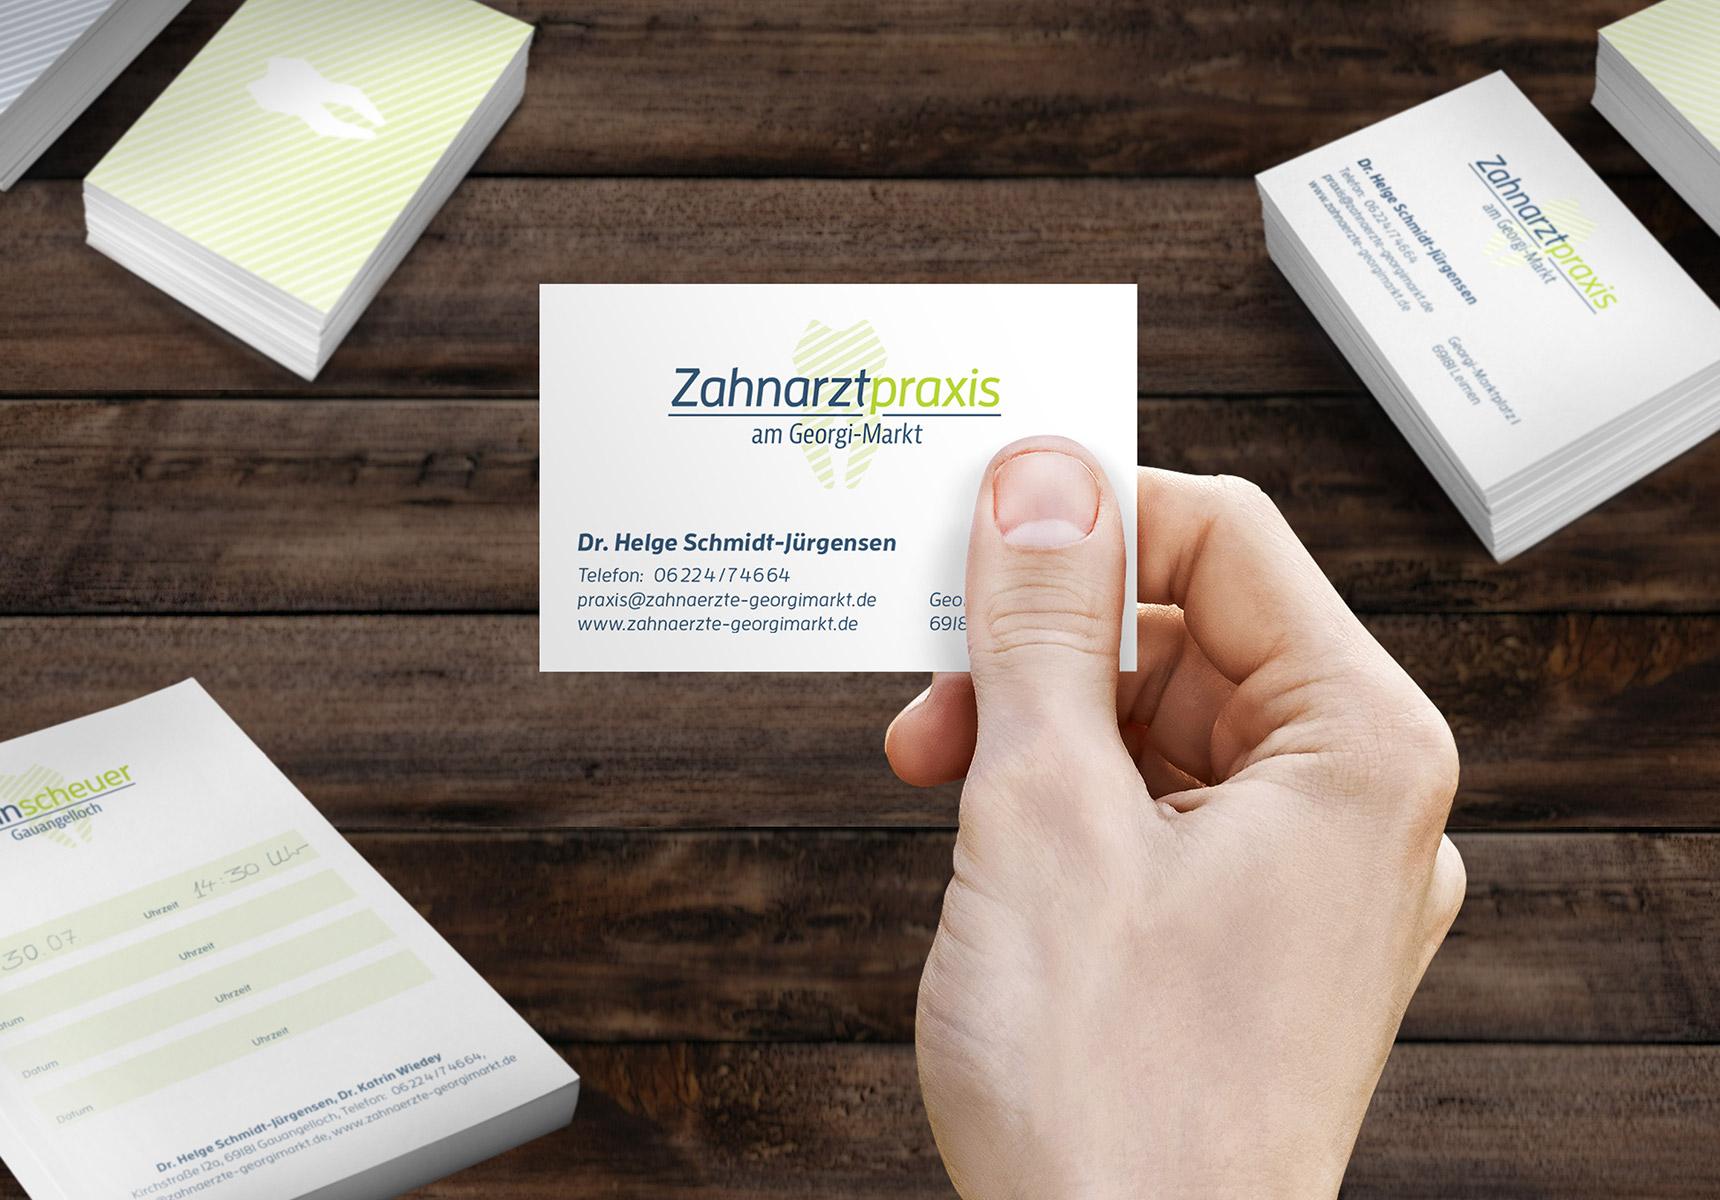 lr praxismarketing zahnarztpraxis am georgimarkt visitenkarten design ci - Langenstein & Reichenthaler - Agentur für Praxismarketing